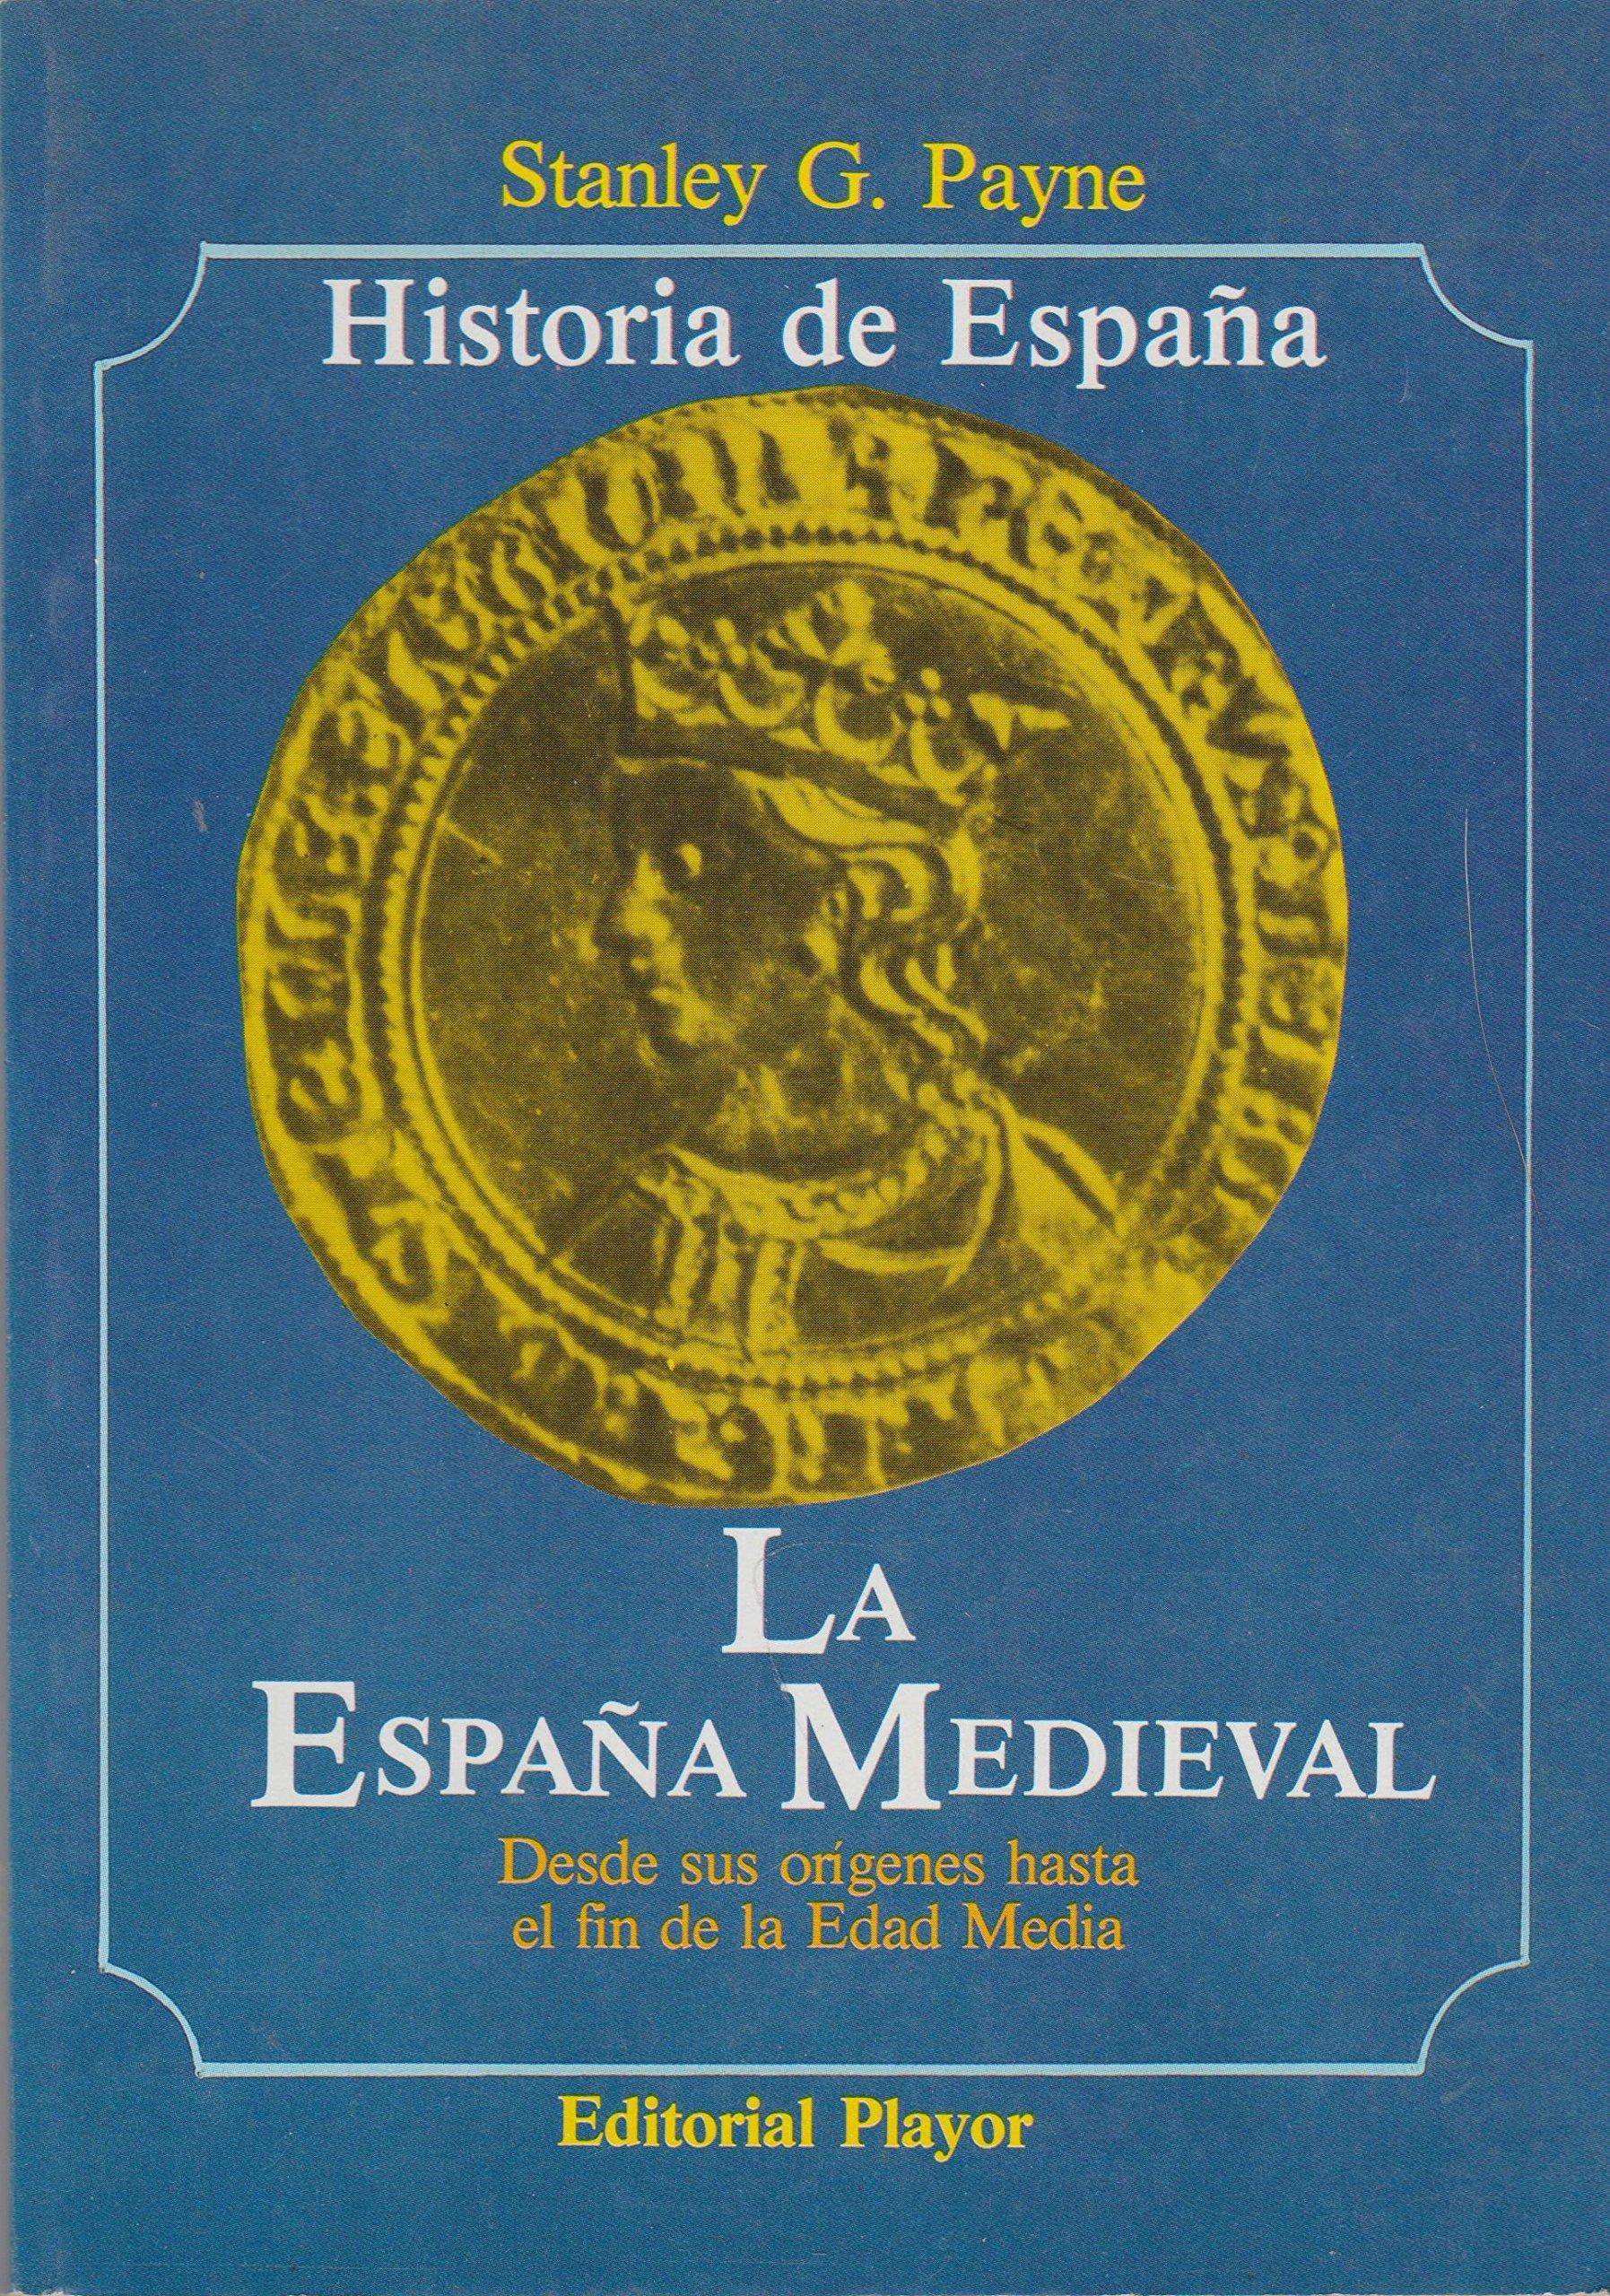 La España medieval: Amazon.es: Payne, Stanley G: Libros